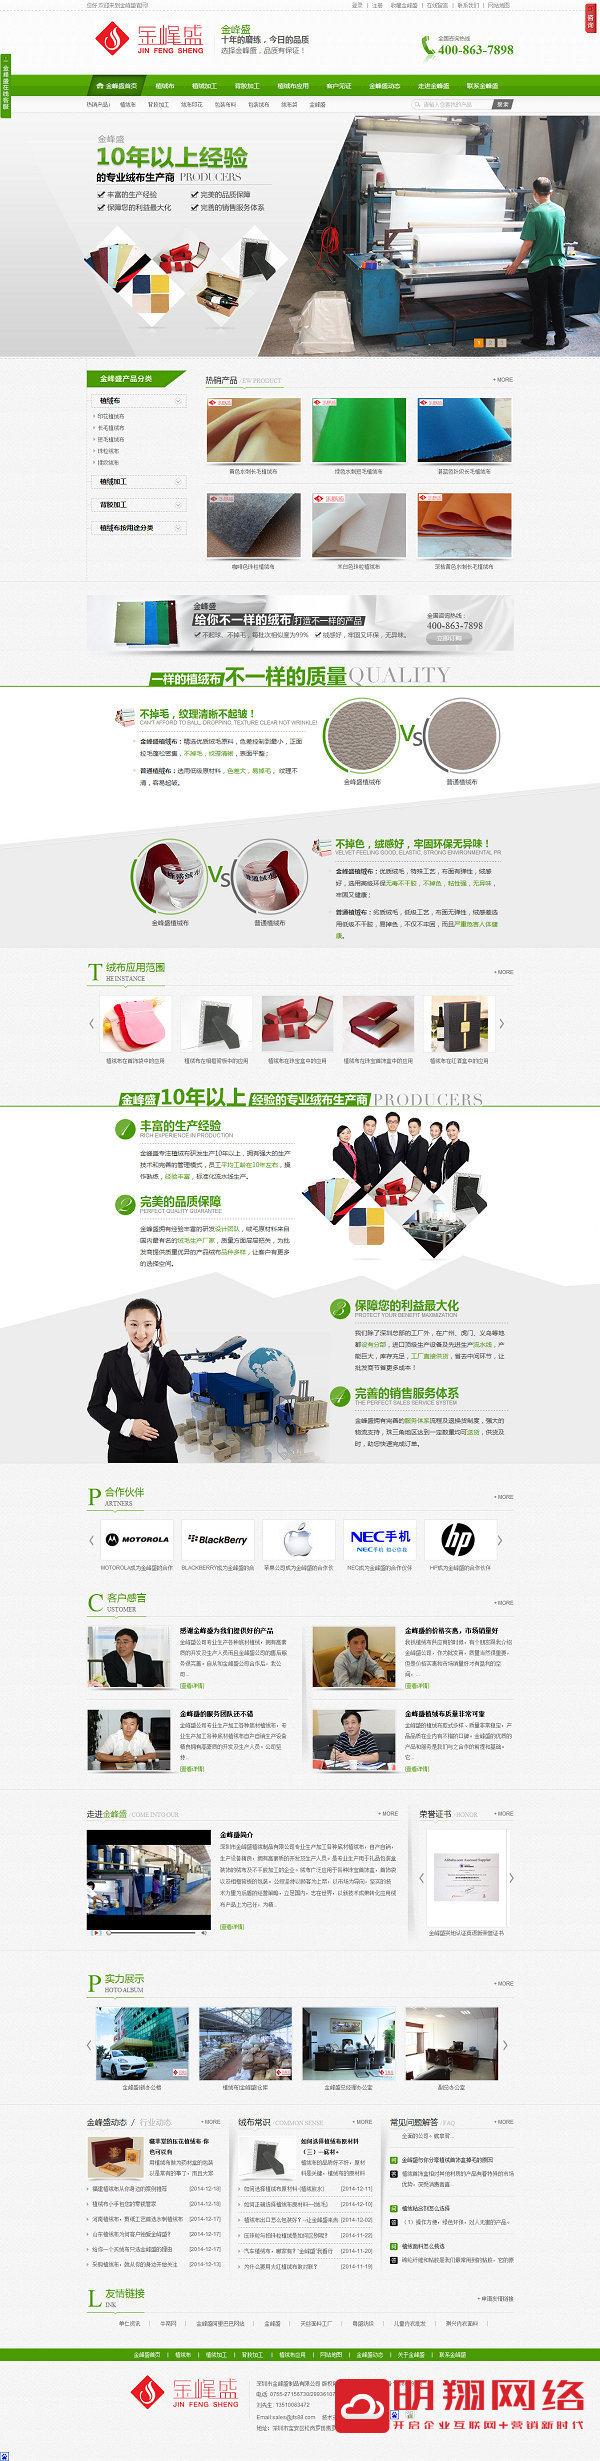 营销型网站案例展示:广东植绒布营销型网站案例展示